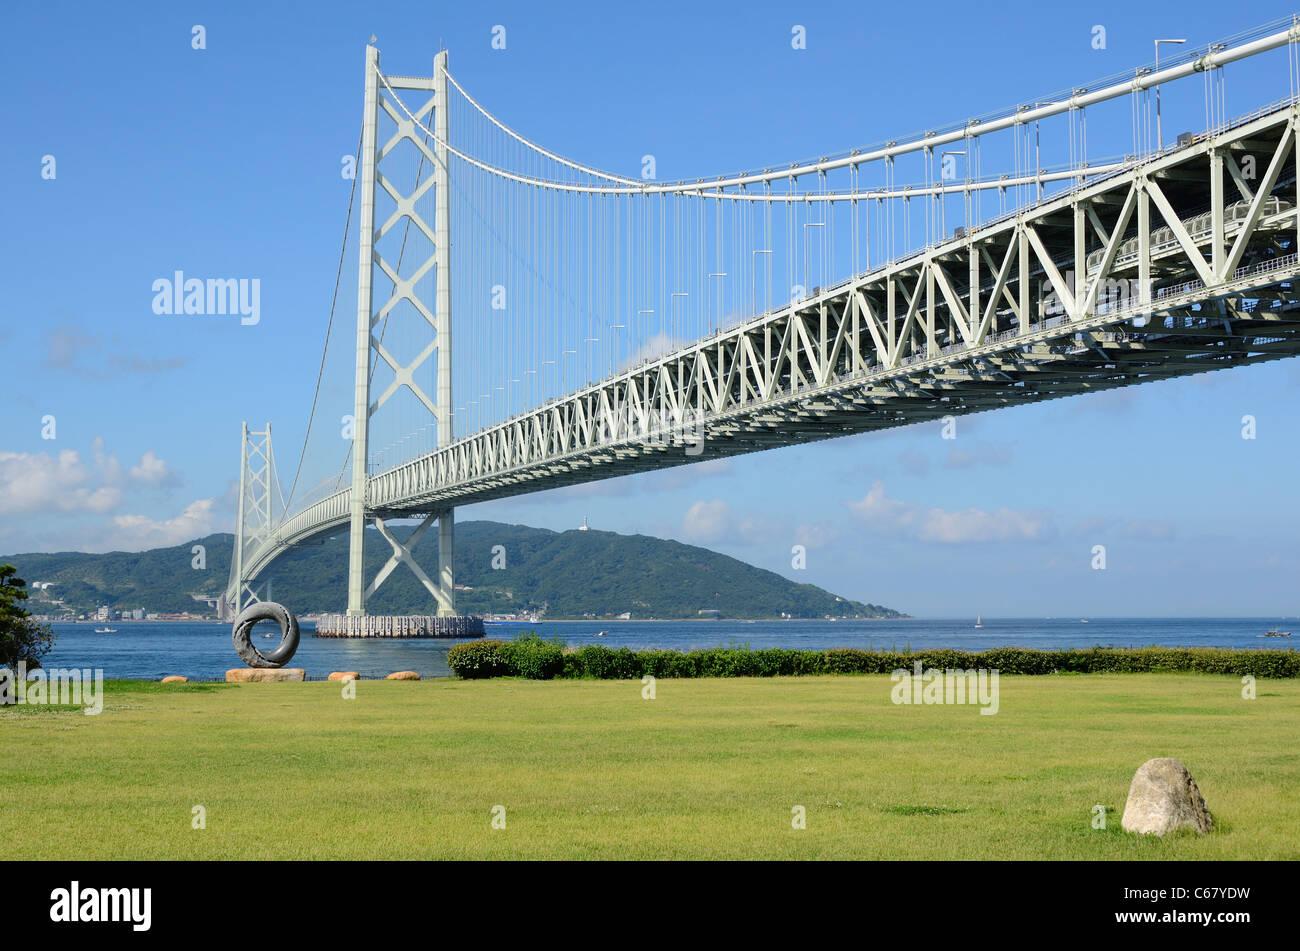 Akashi Kaikyo Bridge (Puente de la perla) en Kobe, Japón. Foto de stock